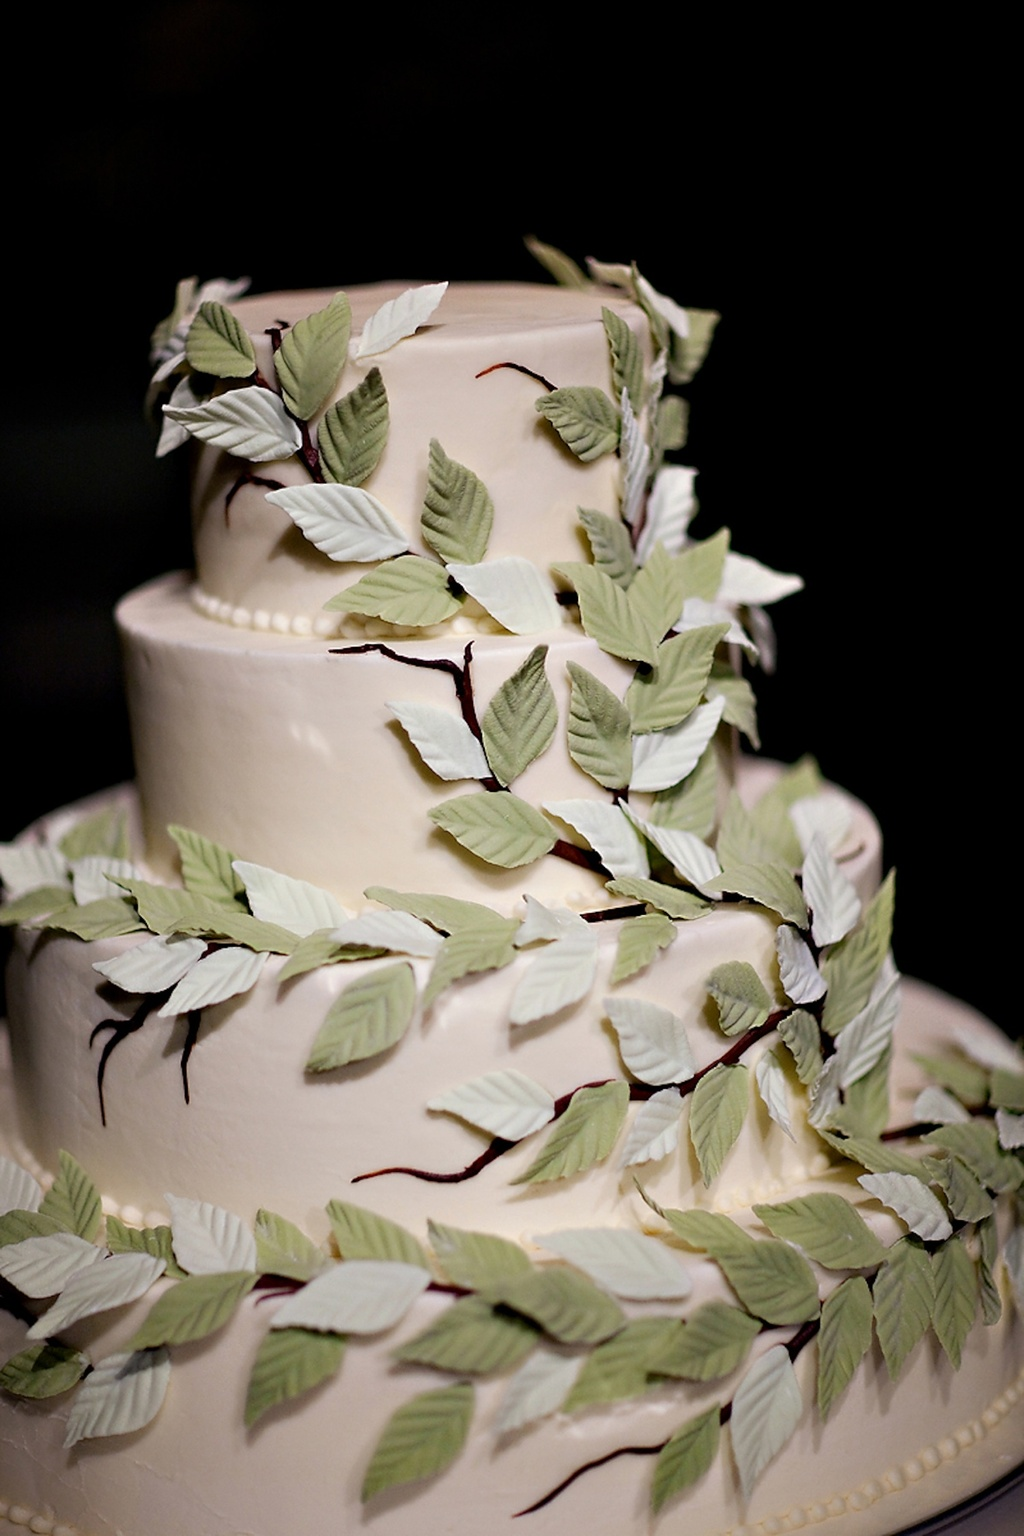 Elegant-real-wedding-reception-wedding-cake-fall-leaf-pattern.full